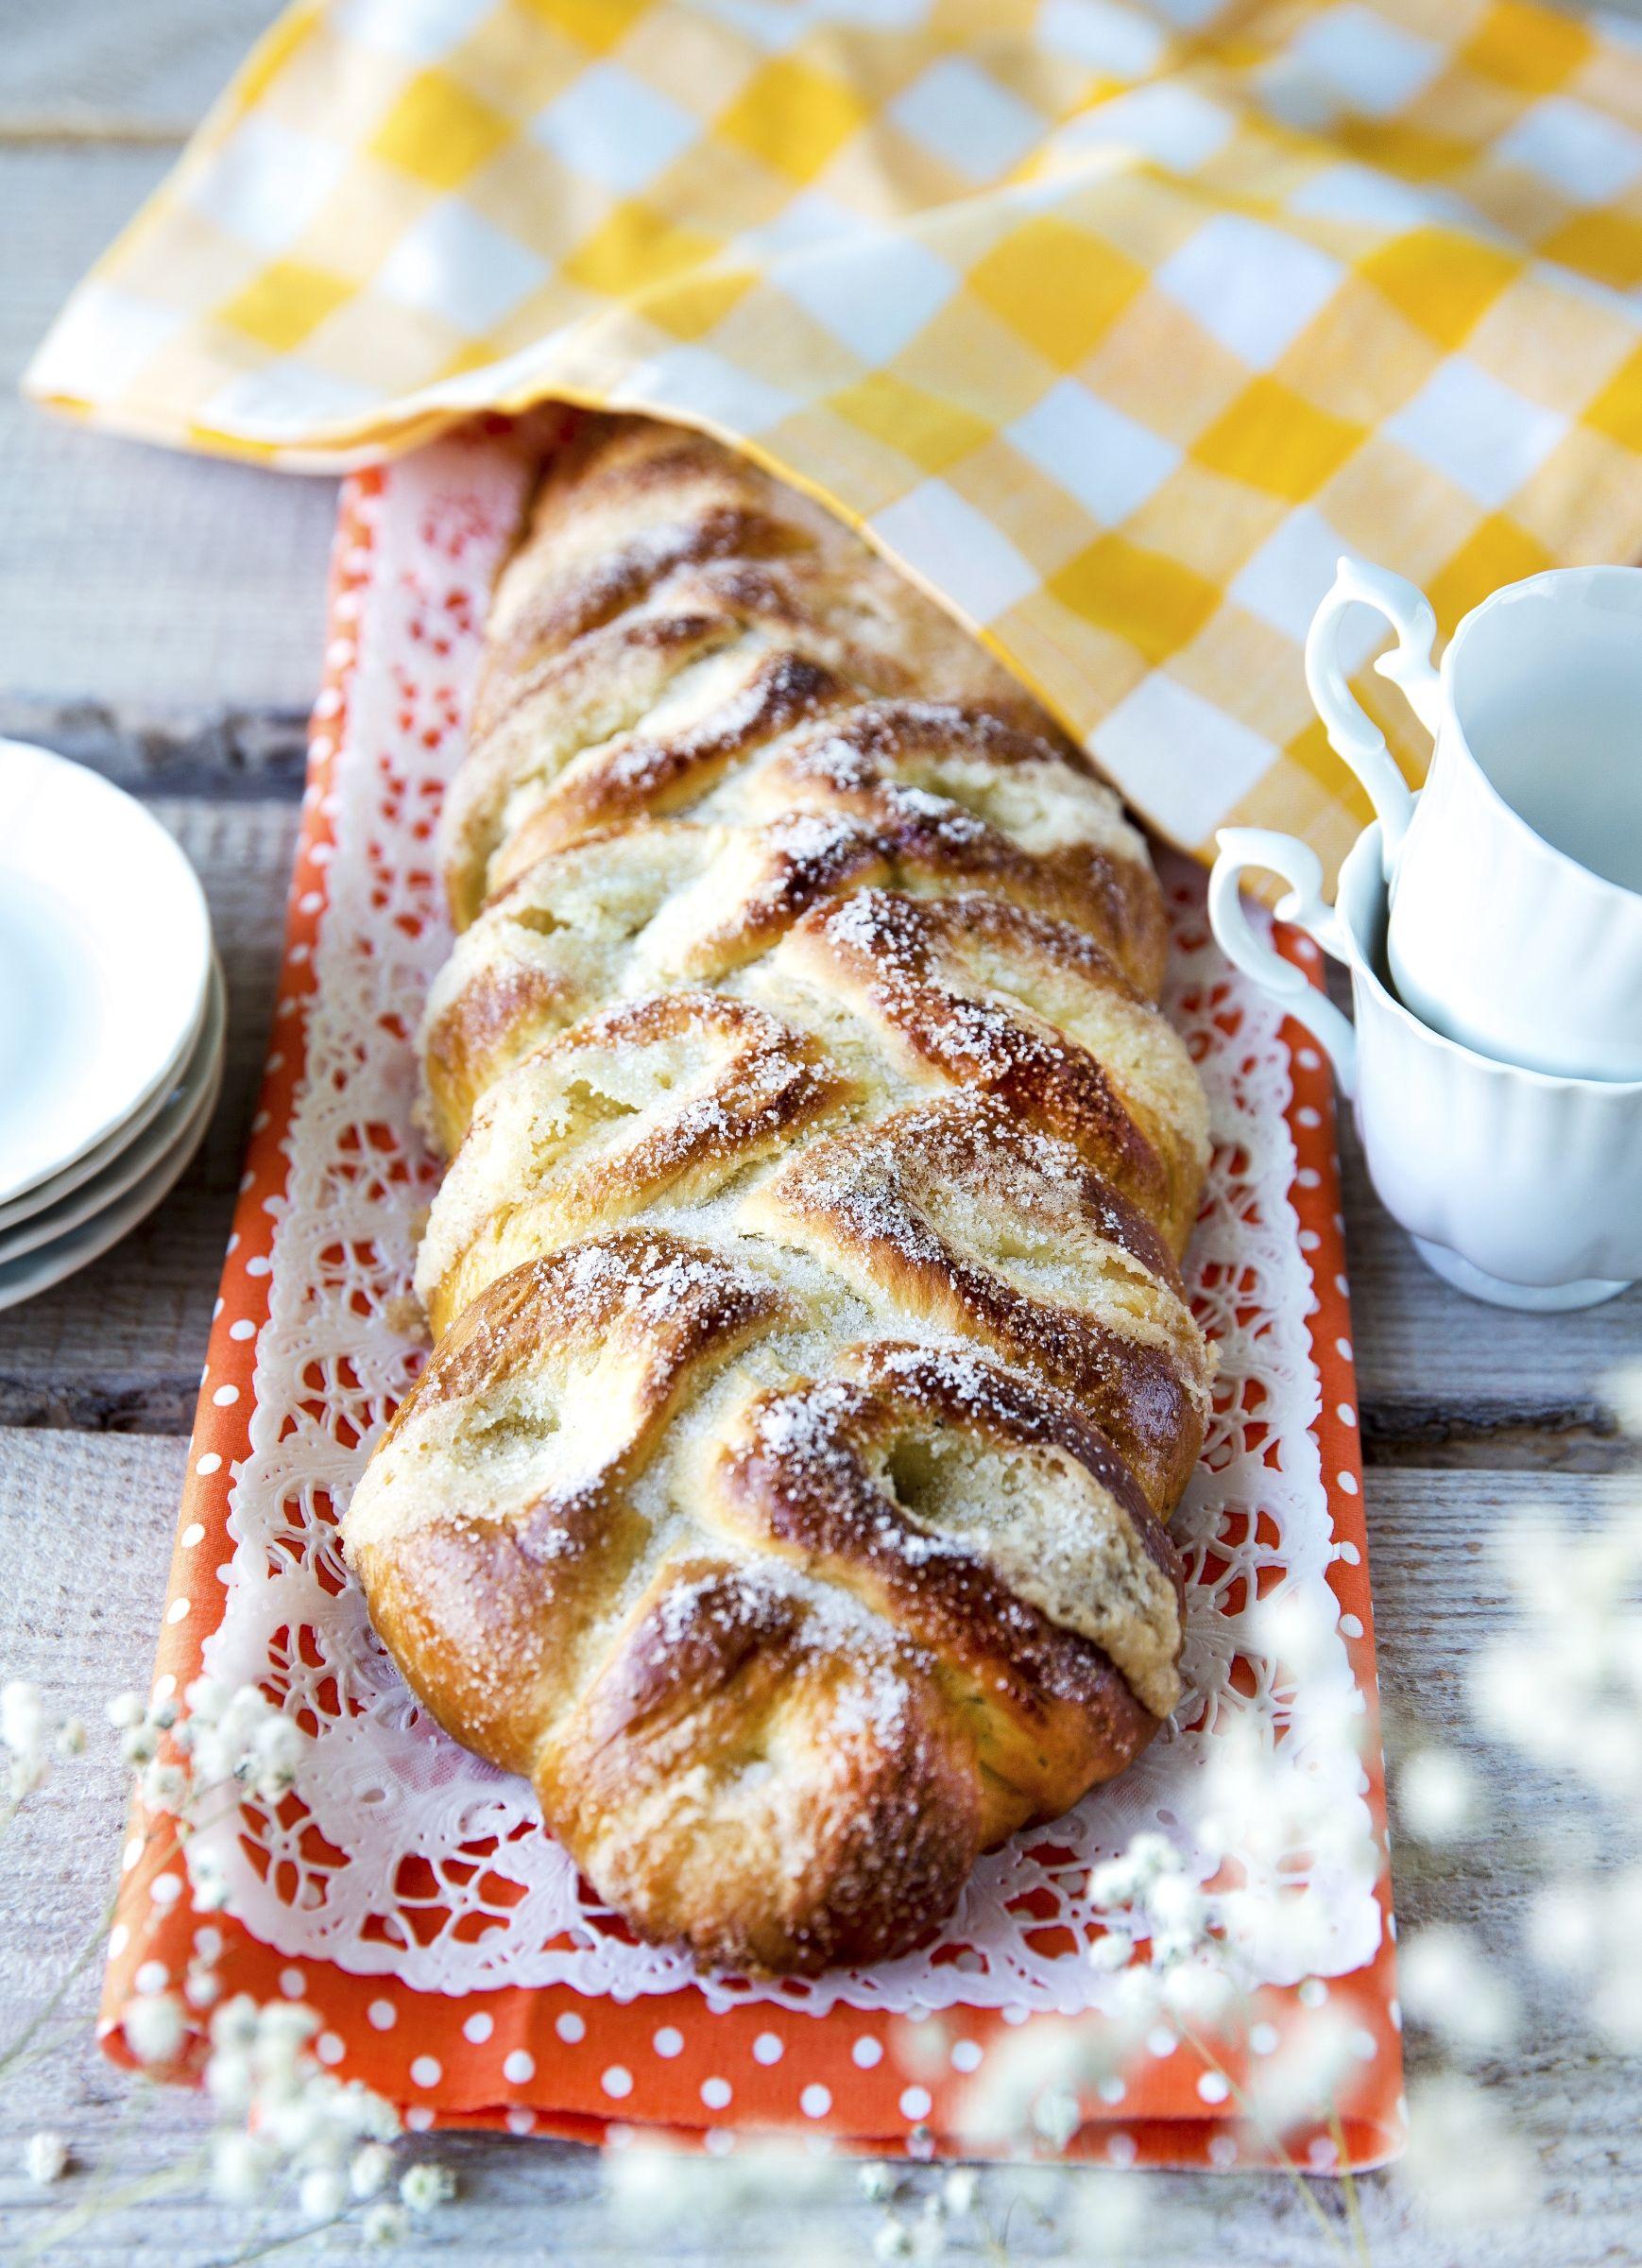 Kun perinteinen pullapitko ja voisilmäpulla yhdistetään, syntyy herkullinen voisilmäpitko. Katso Kinuskikissa helppo resepti ja innostu leipomaan!